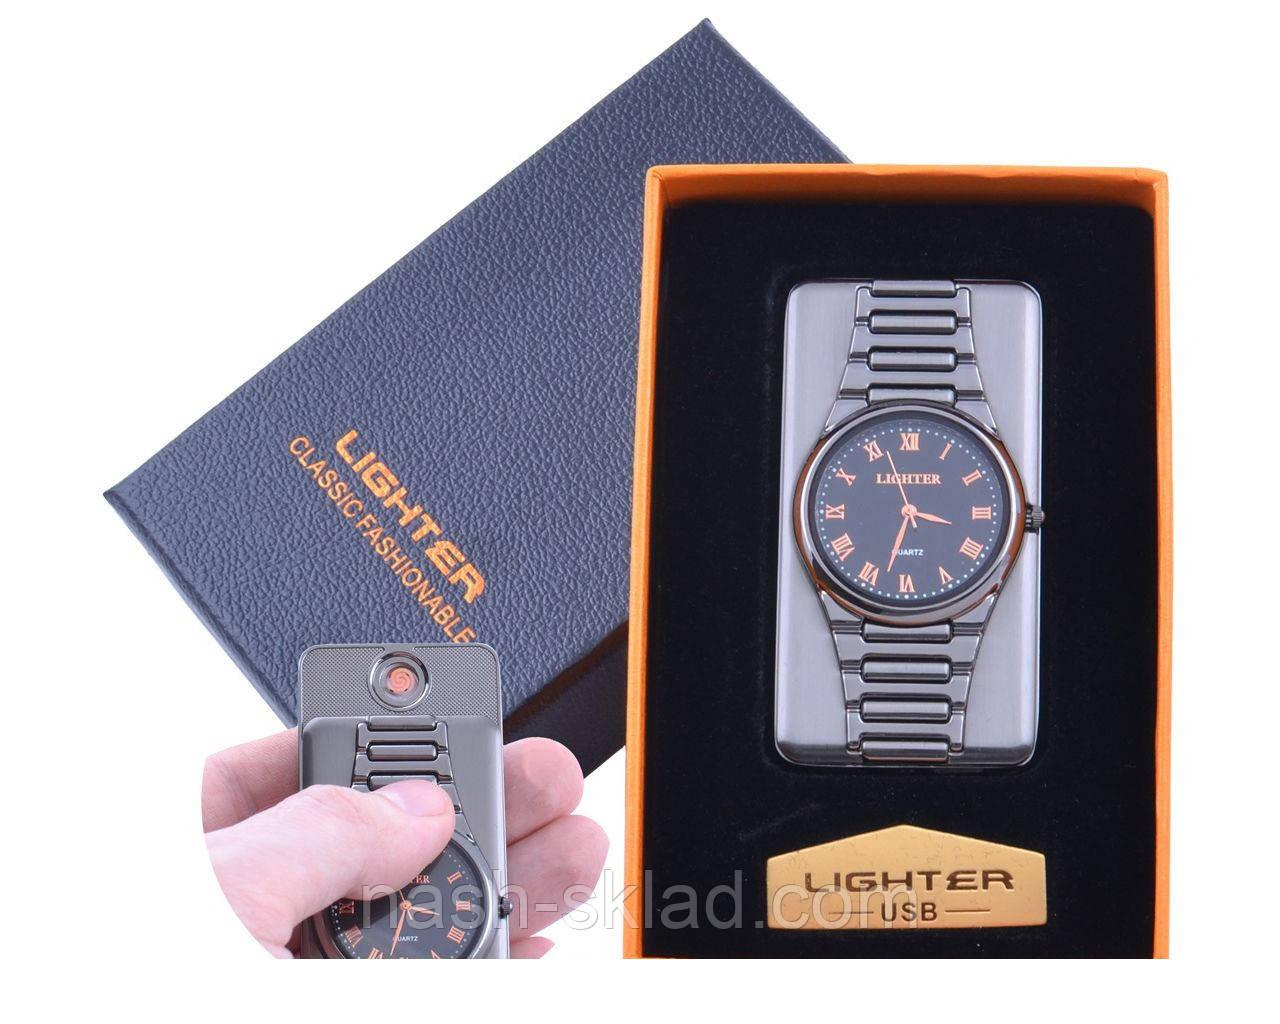 USB зажигалка с часами Черное золото  в подарочной упаковке LIGHTER (Cпираль накаливания)